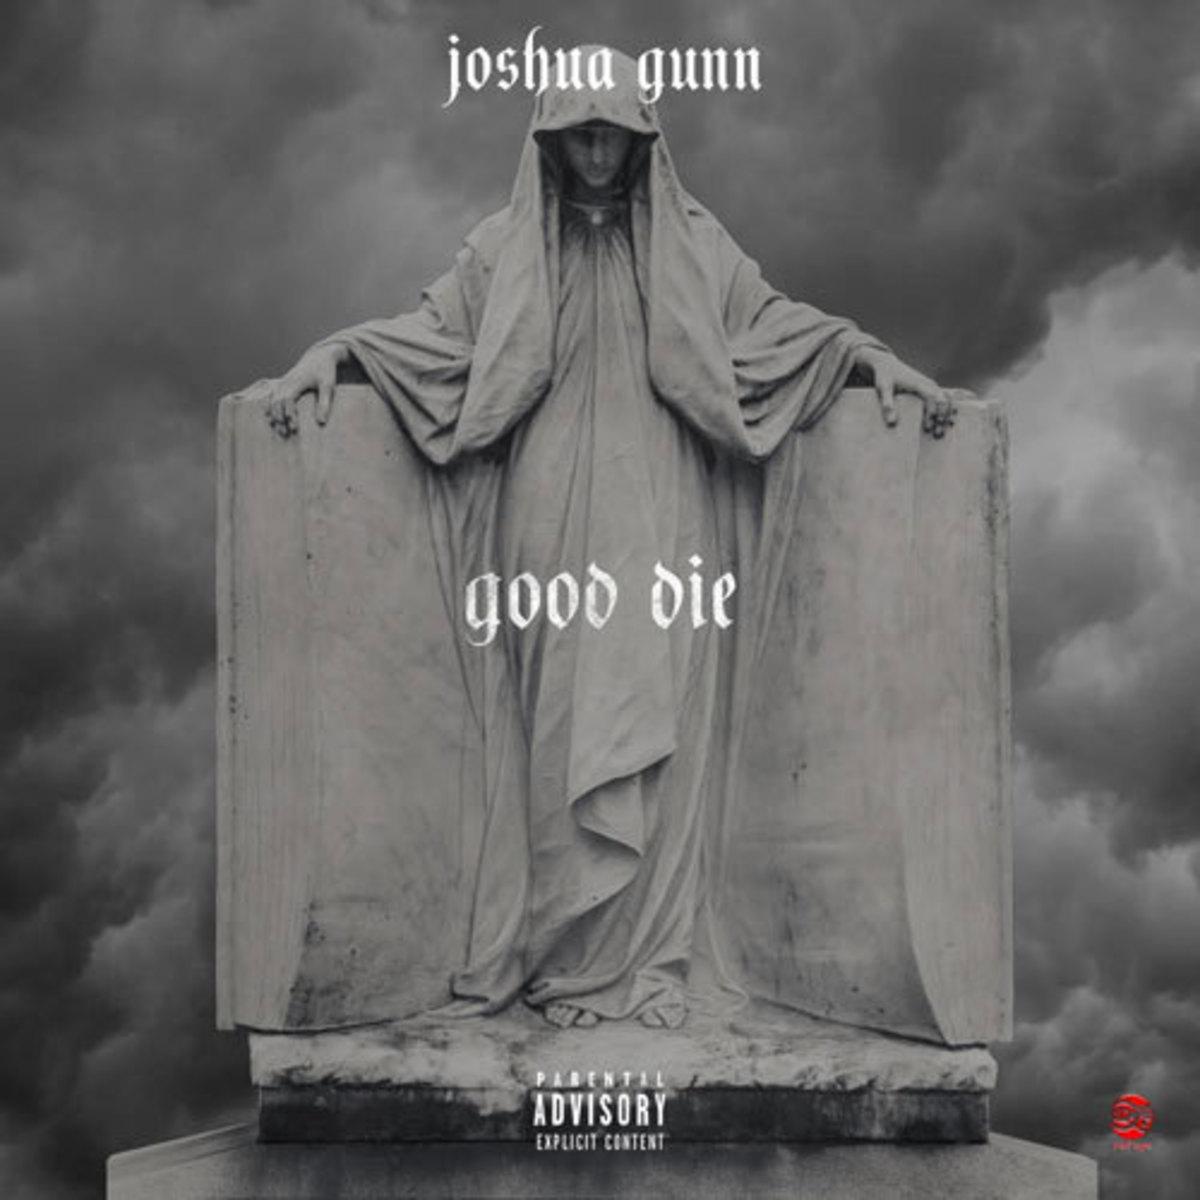 joshua-gunn-good-die.jpg